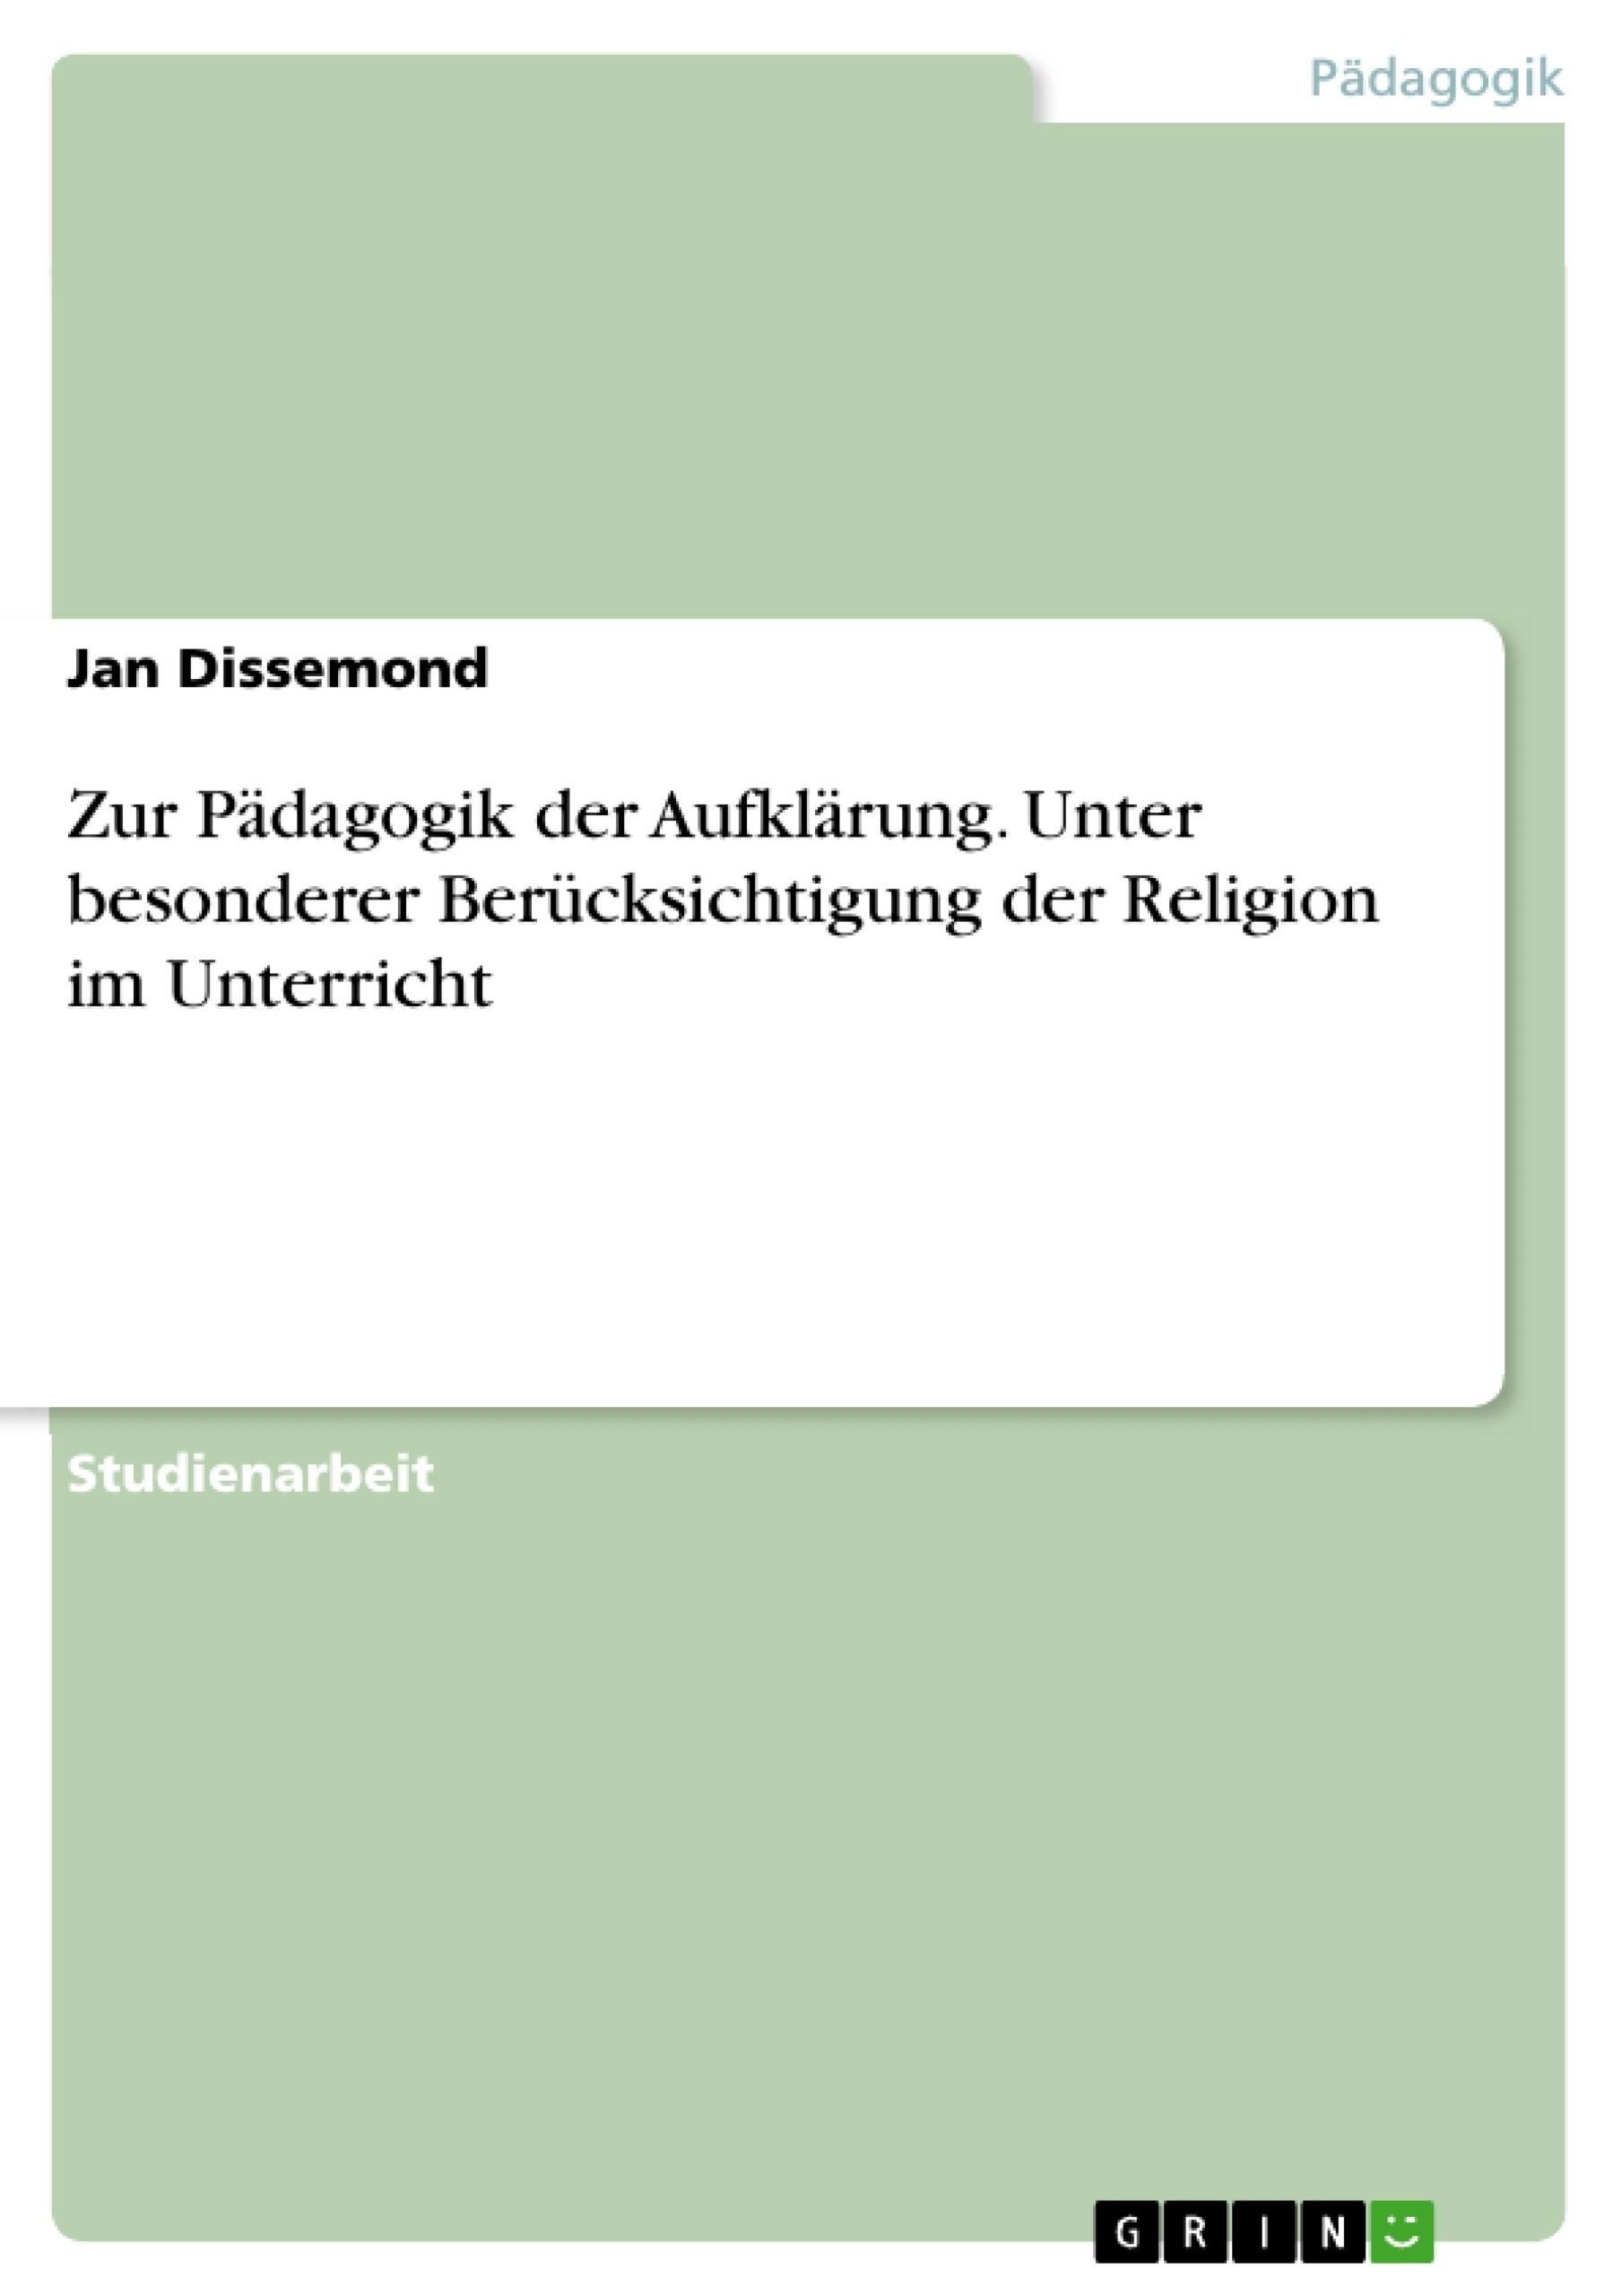 Titel: Zur Pädagogik der Aufklärung. Unter besonderer Berücksichtigung der Religion im Unterricht